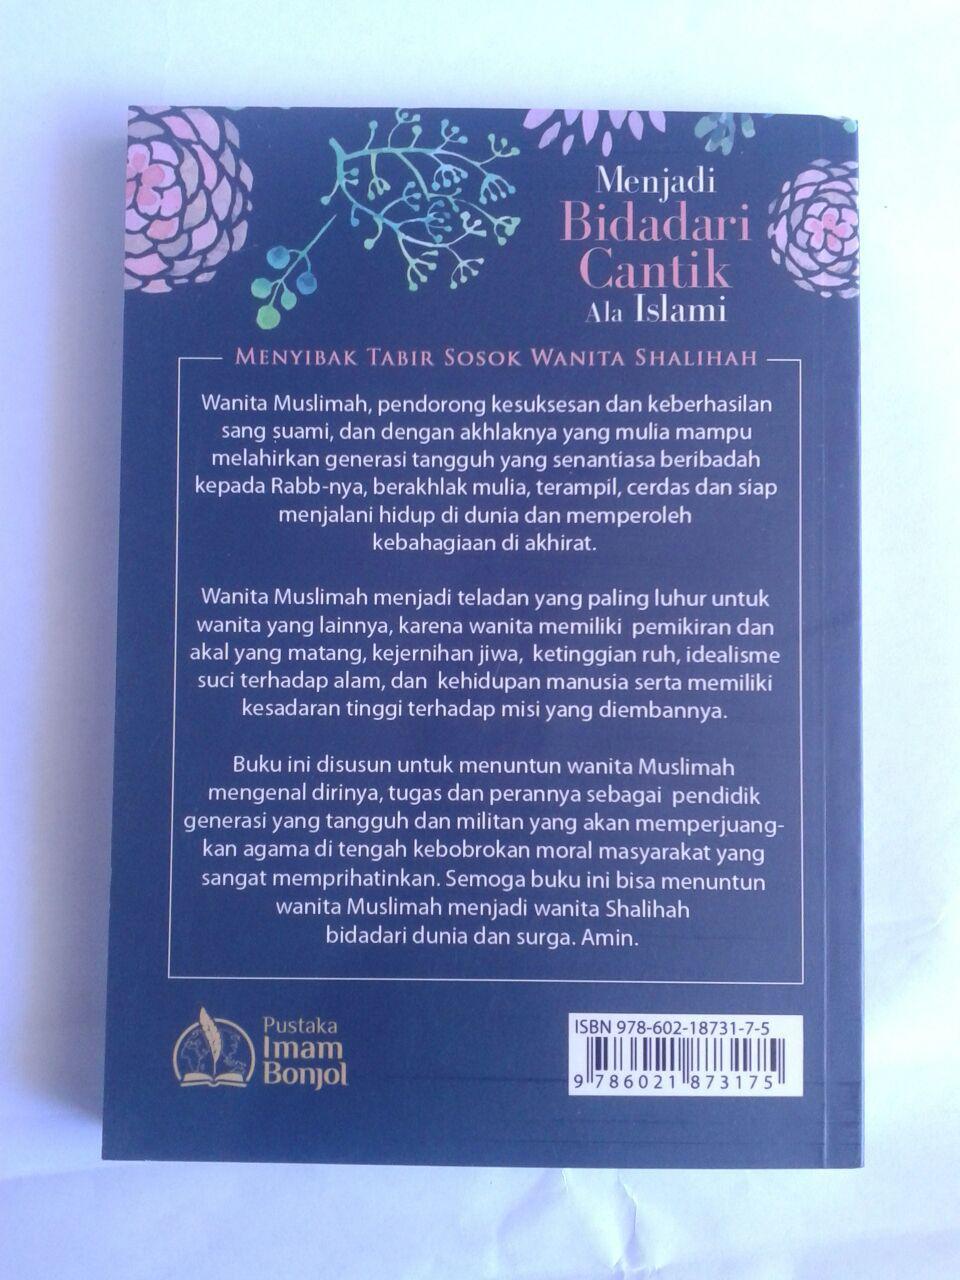 Buku Menjadi Bidadari Cantik Ala Islami Sosok Wanita Shalihah cover